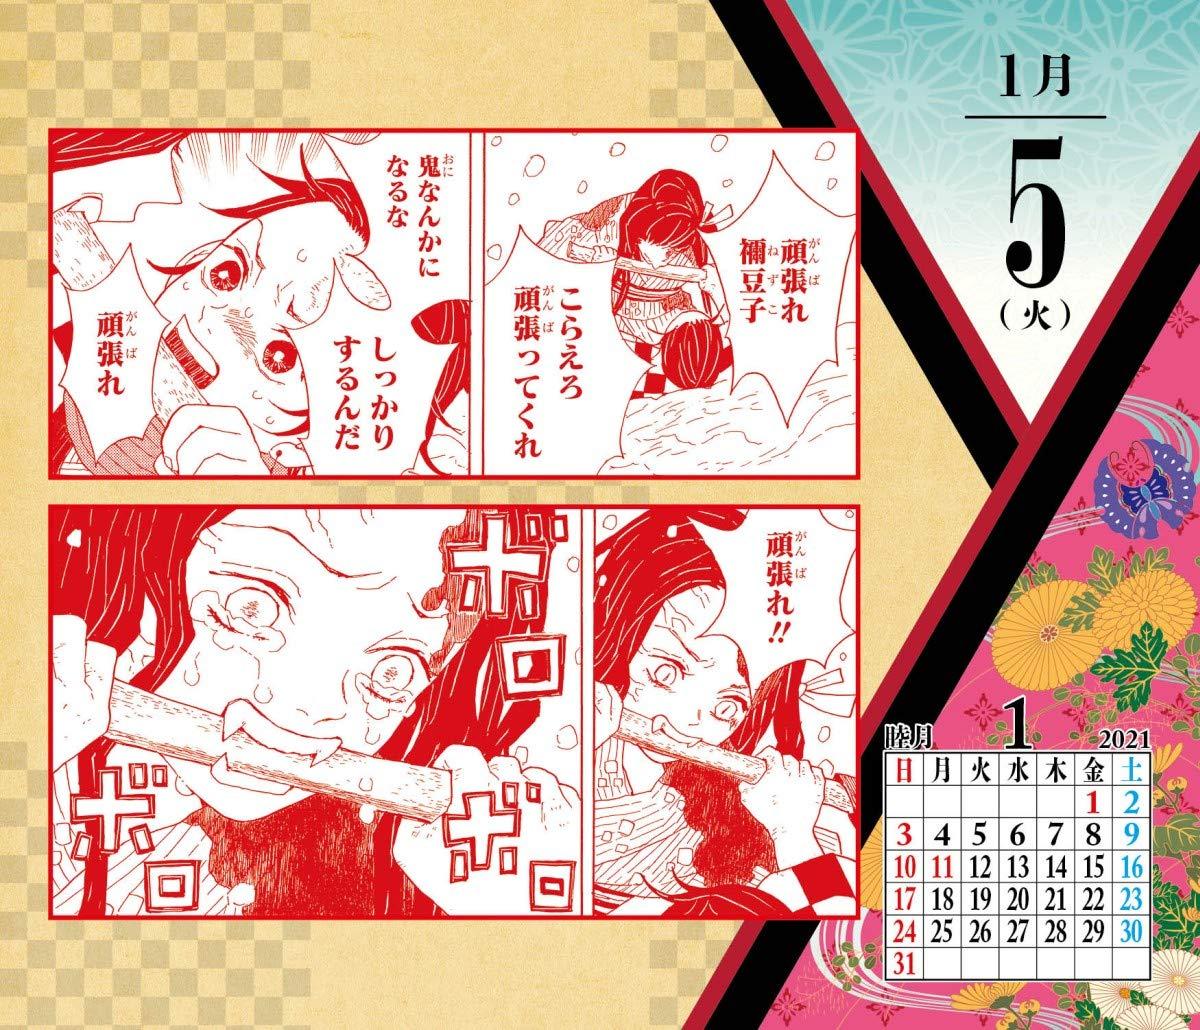 『鬼滅の刃』 コミックカレンダー2021 特製缶入り 日めくりカレンダー 2020/12/4発売予定